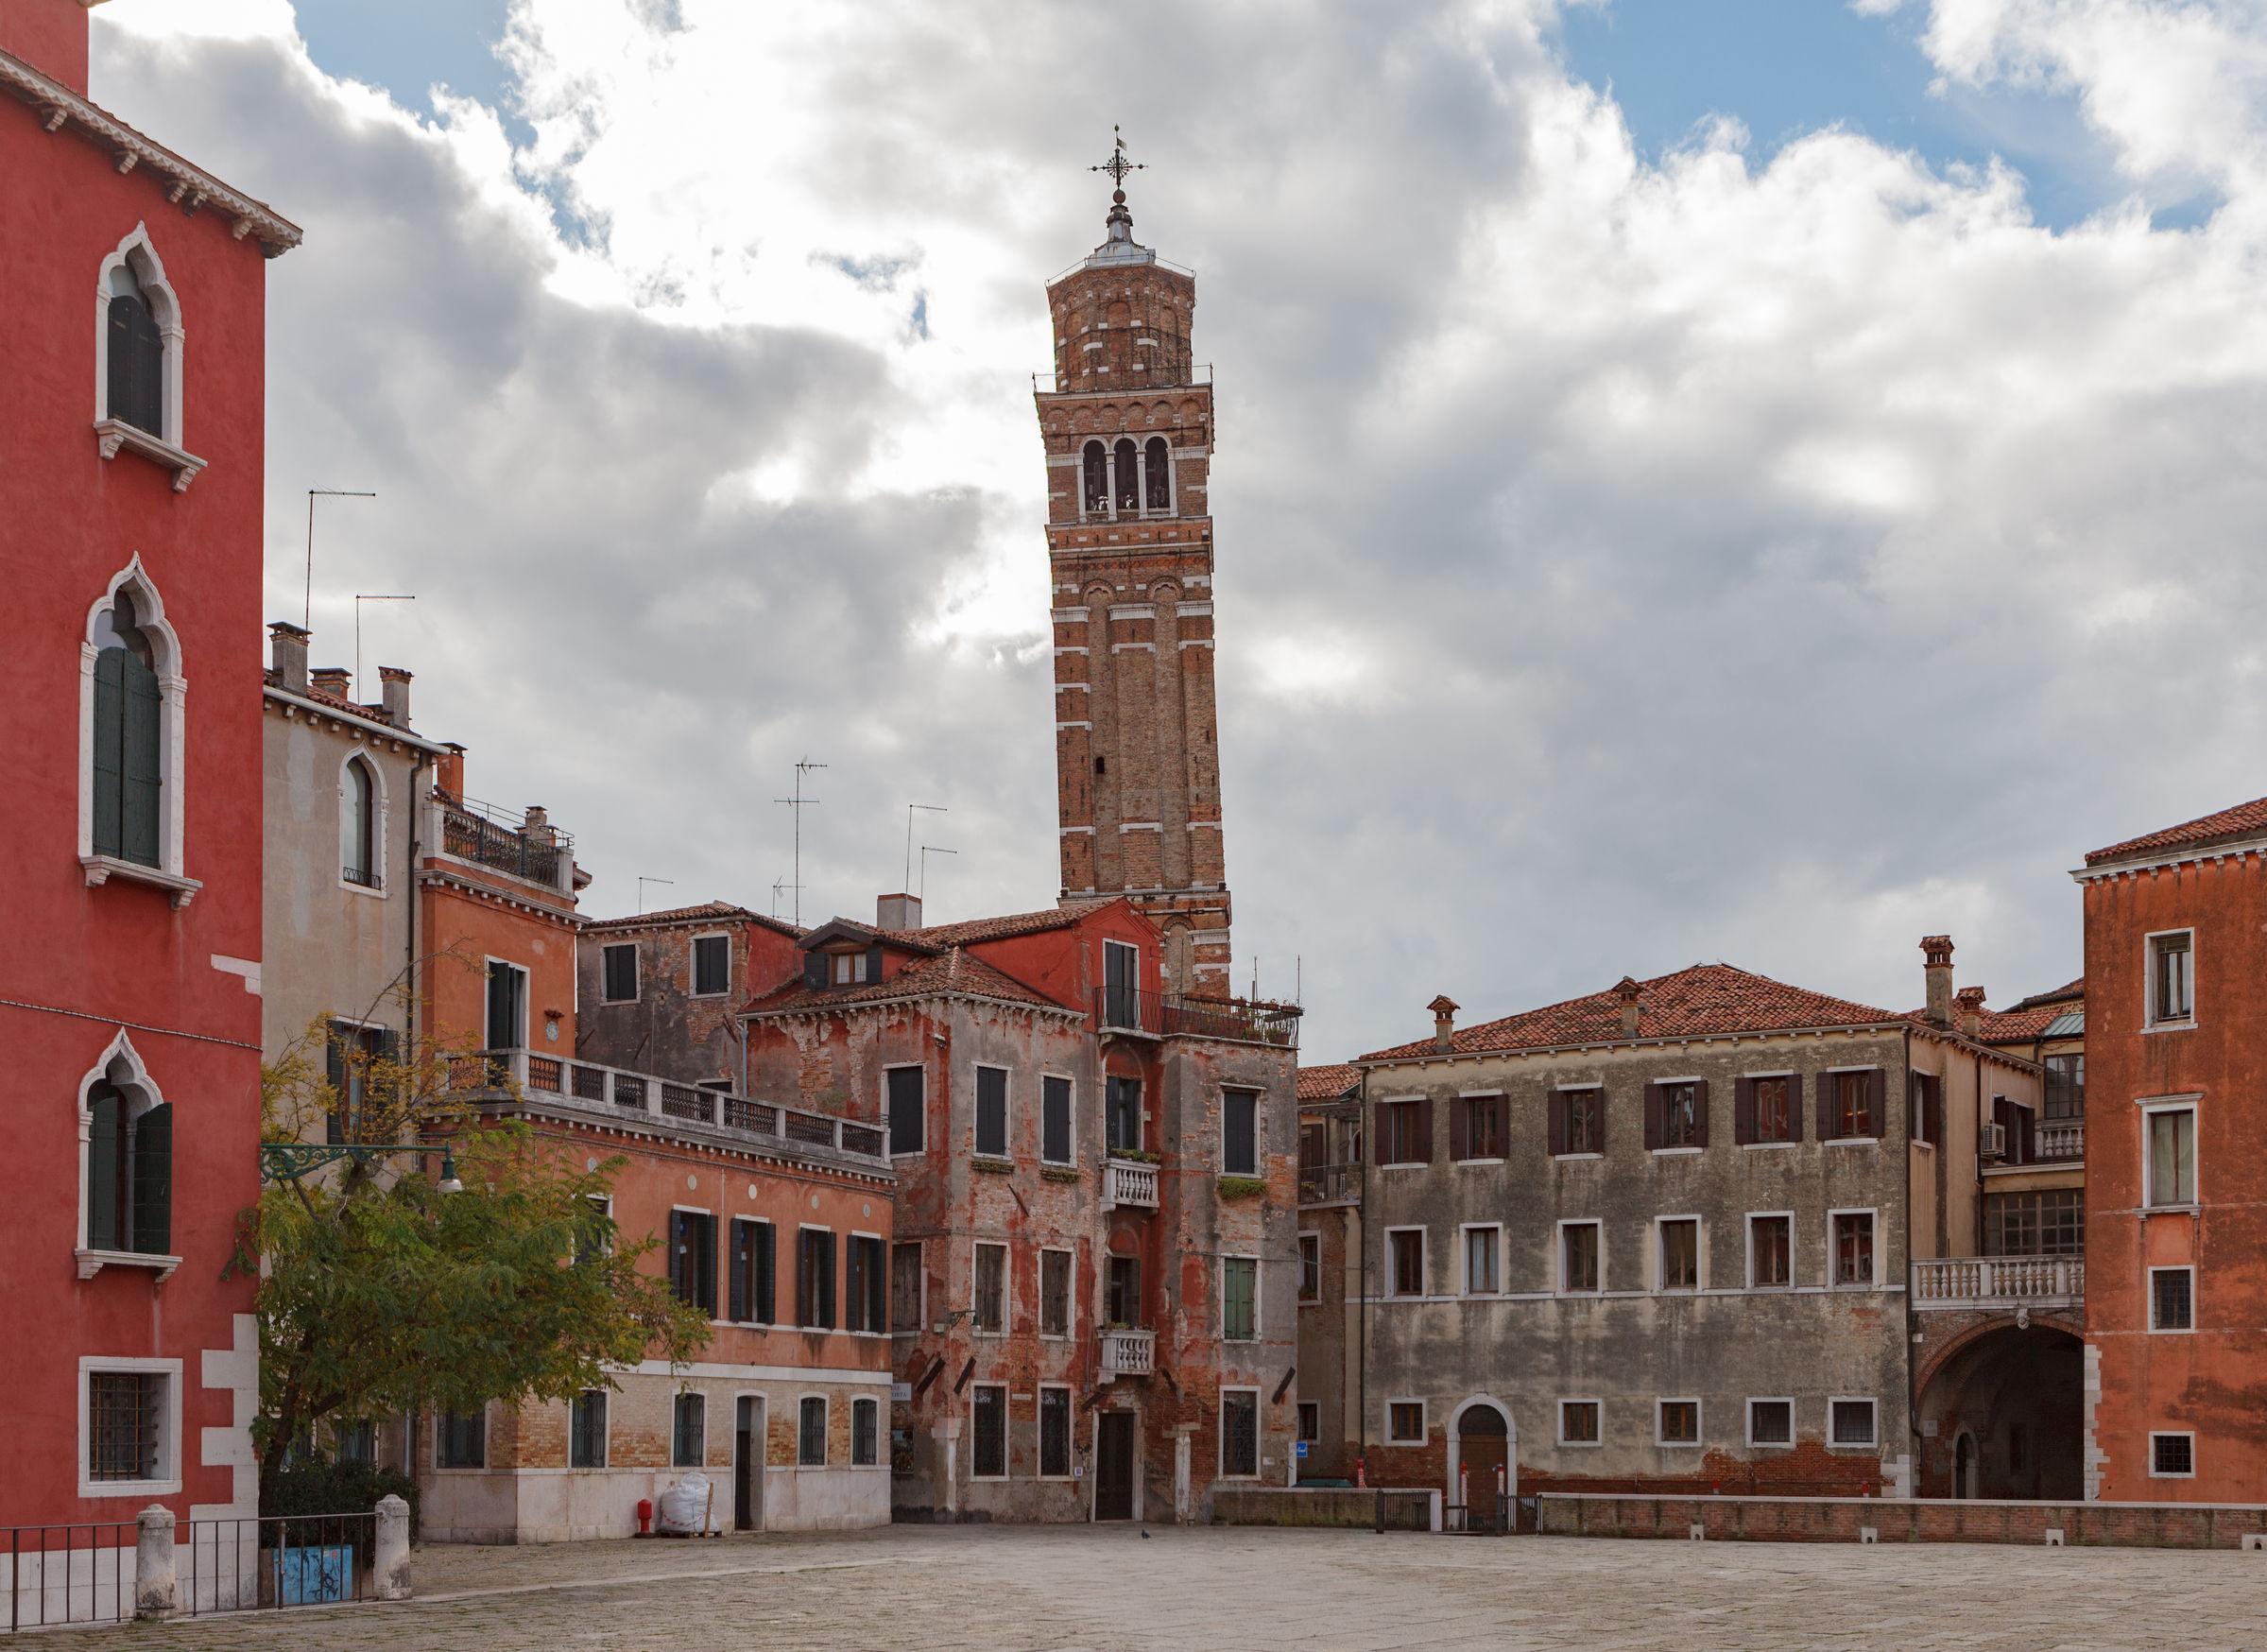 The Campanile of Santo Stefano, Venice